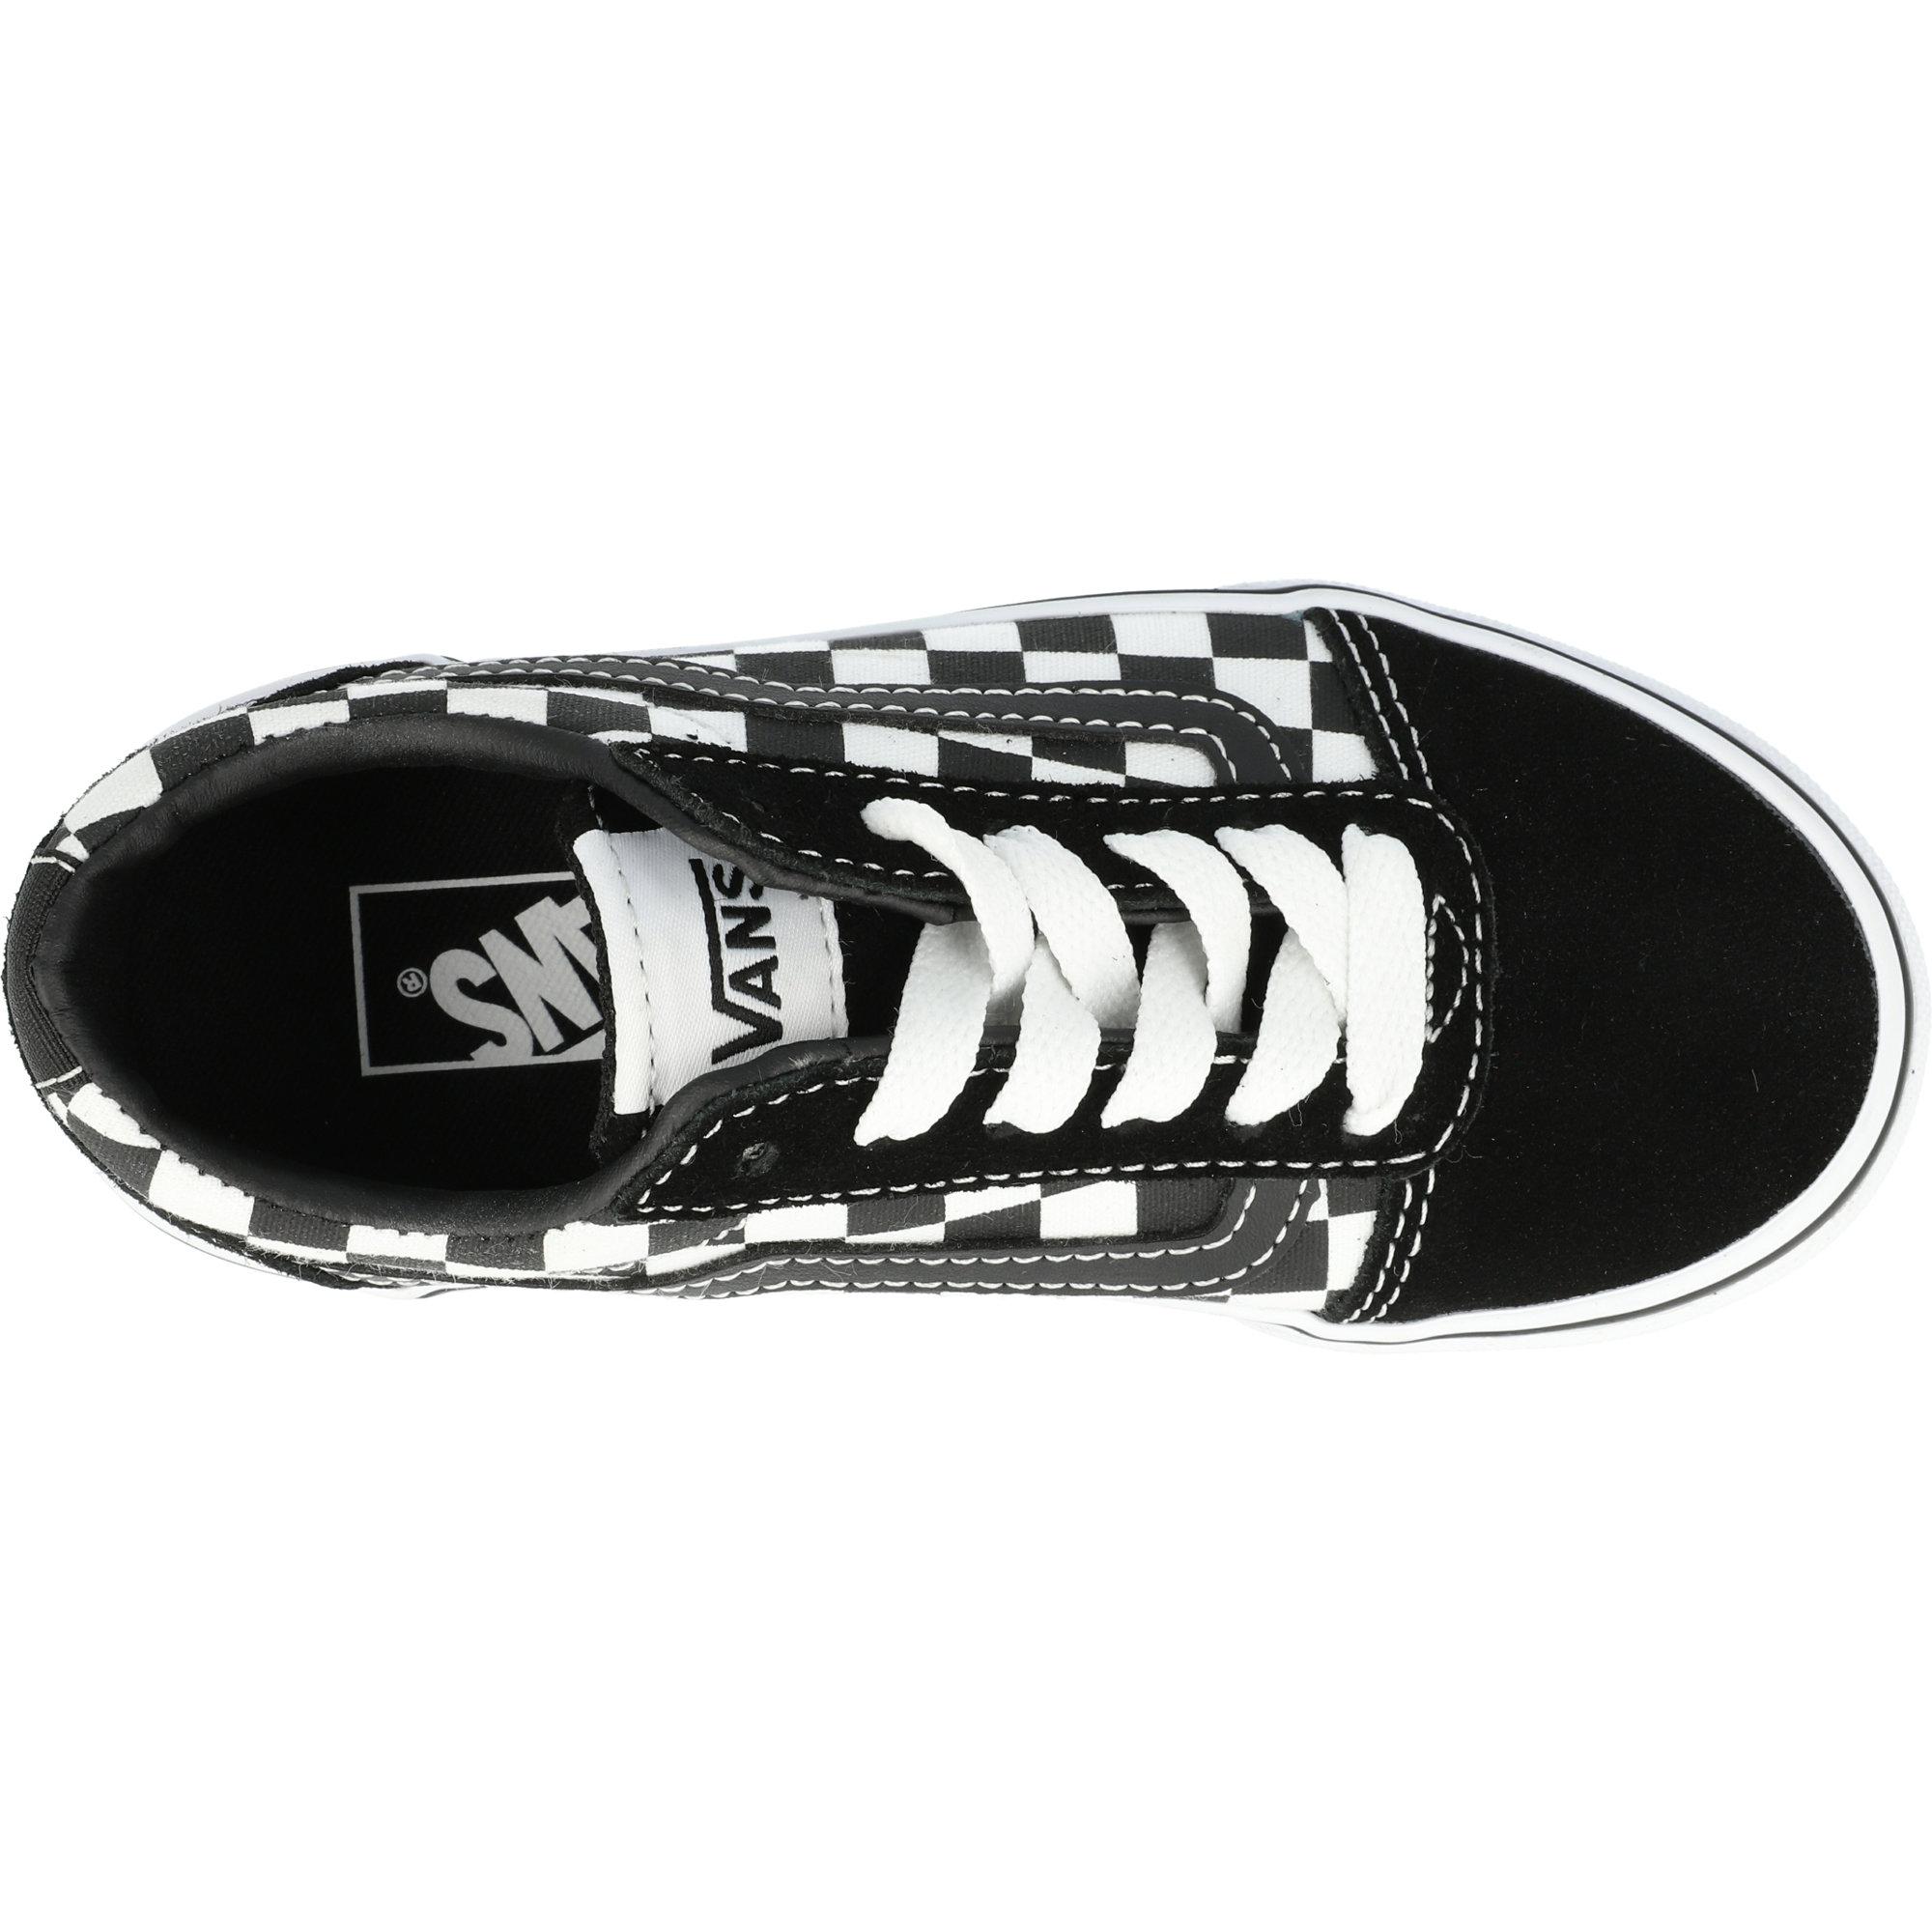 Vans Active YT Ward Black Checkered/White Suede Junior